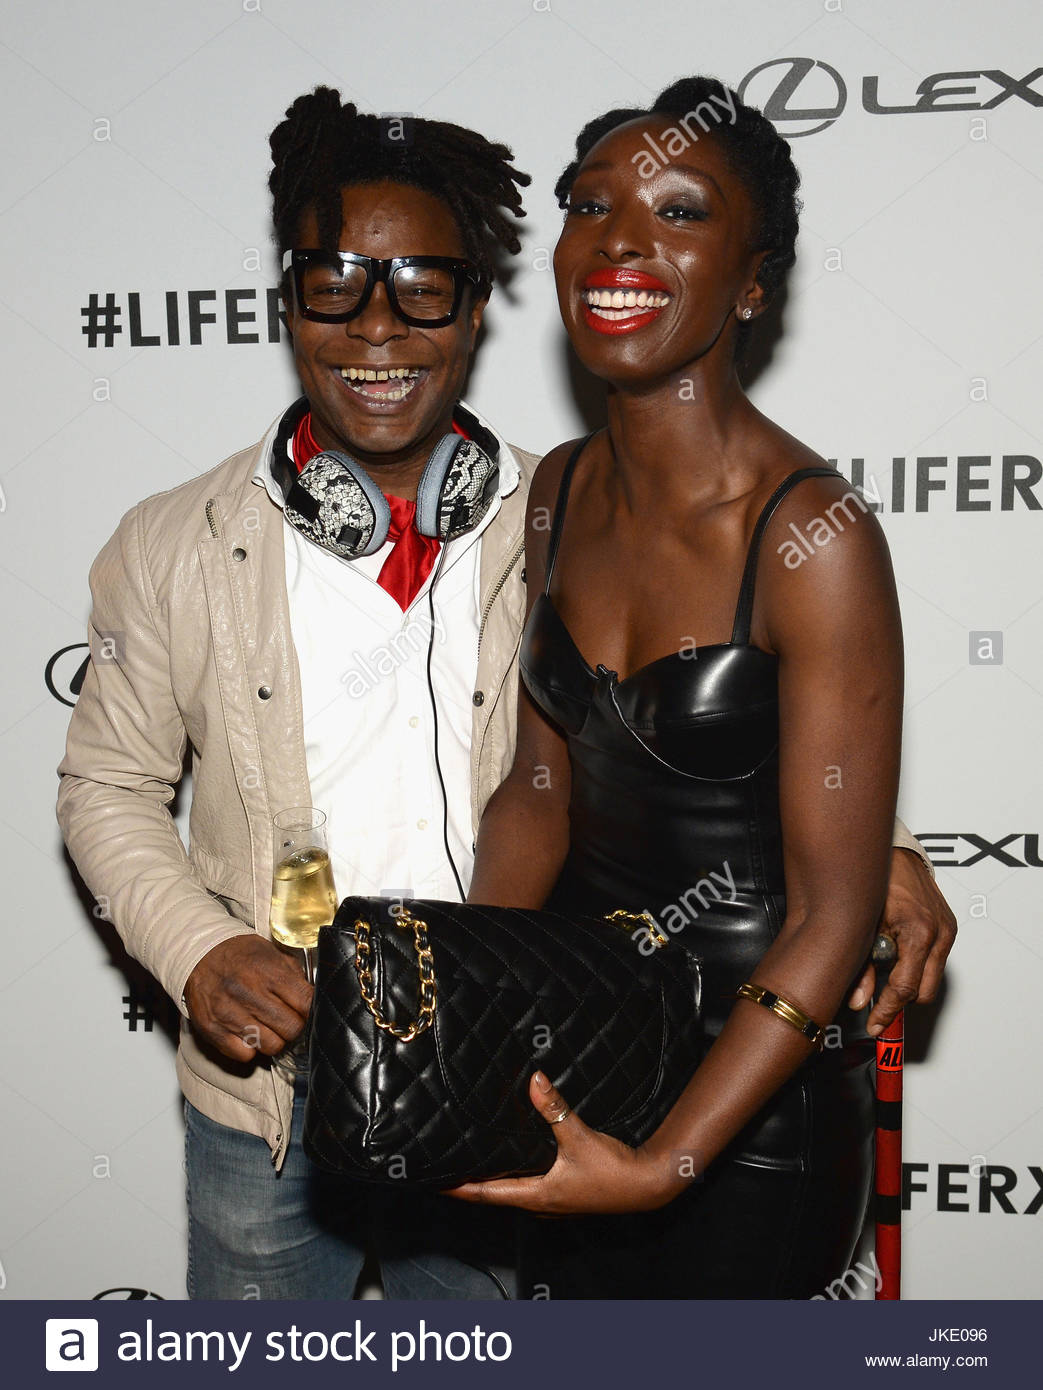 images Eunice Olumide